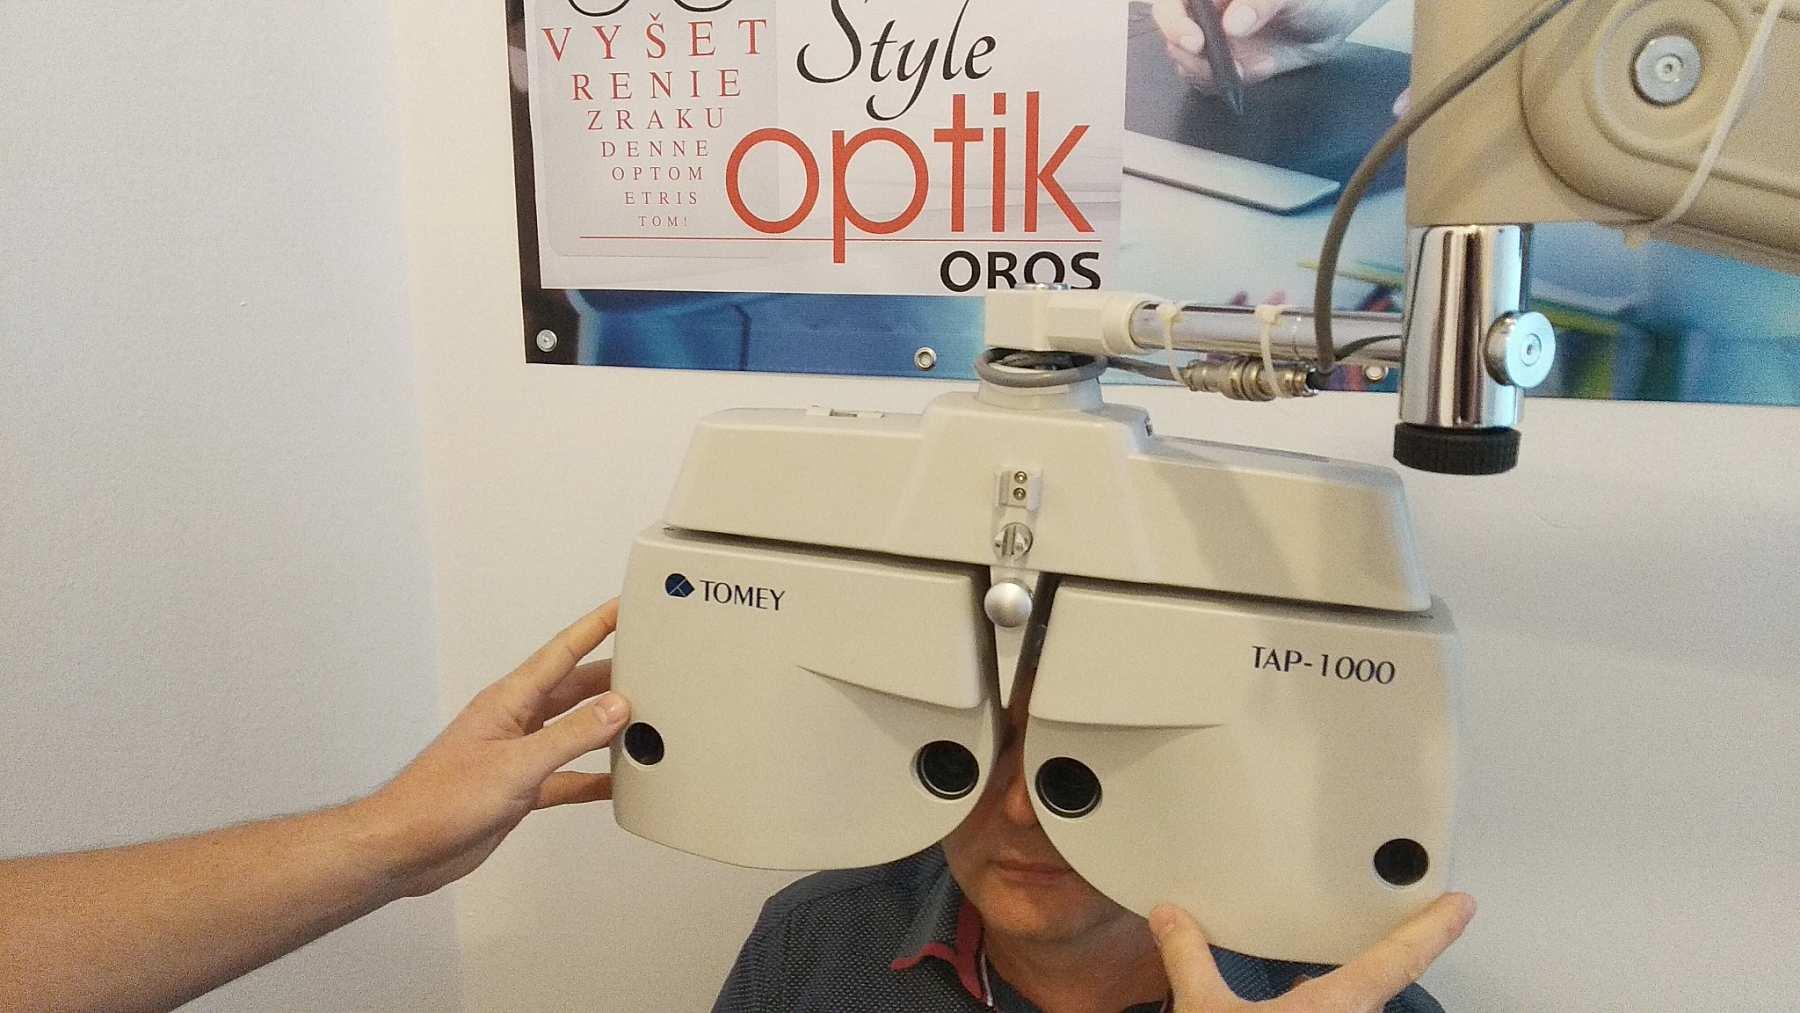 Látásvizsgálat hiperópiás asztalra